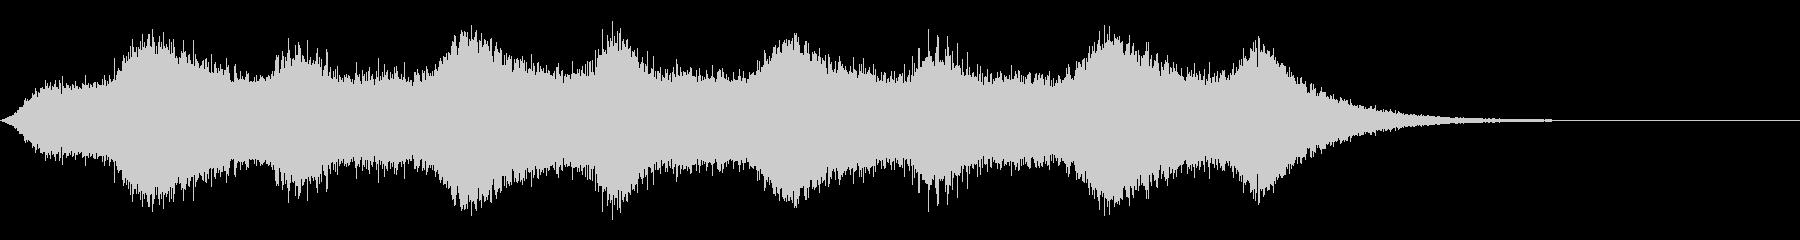 ホラー 金切り音の未再生の波形